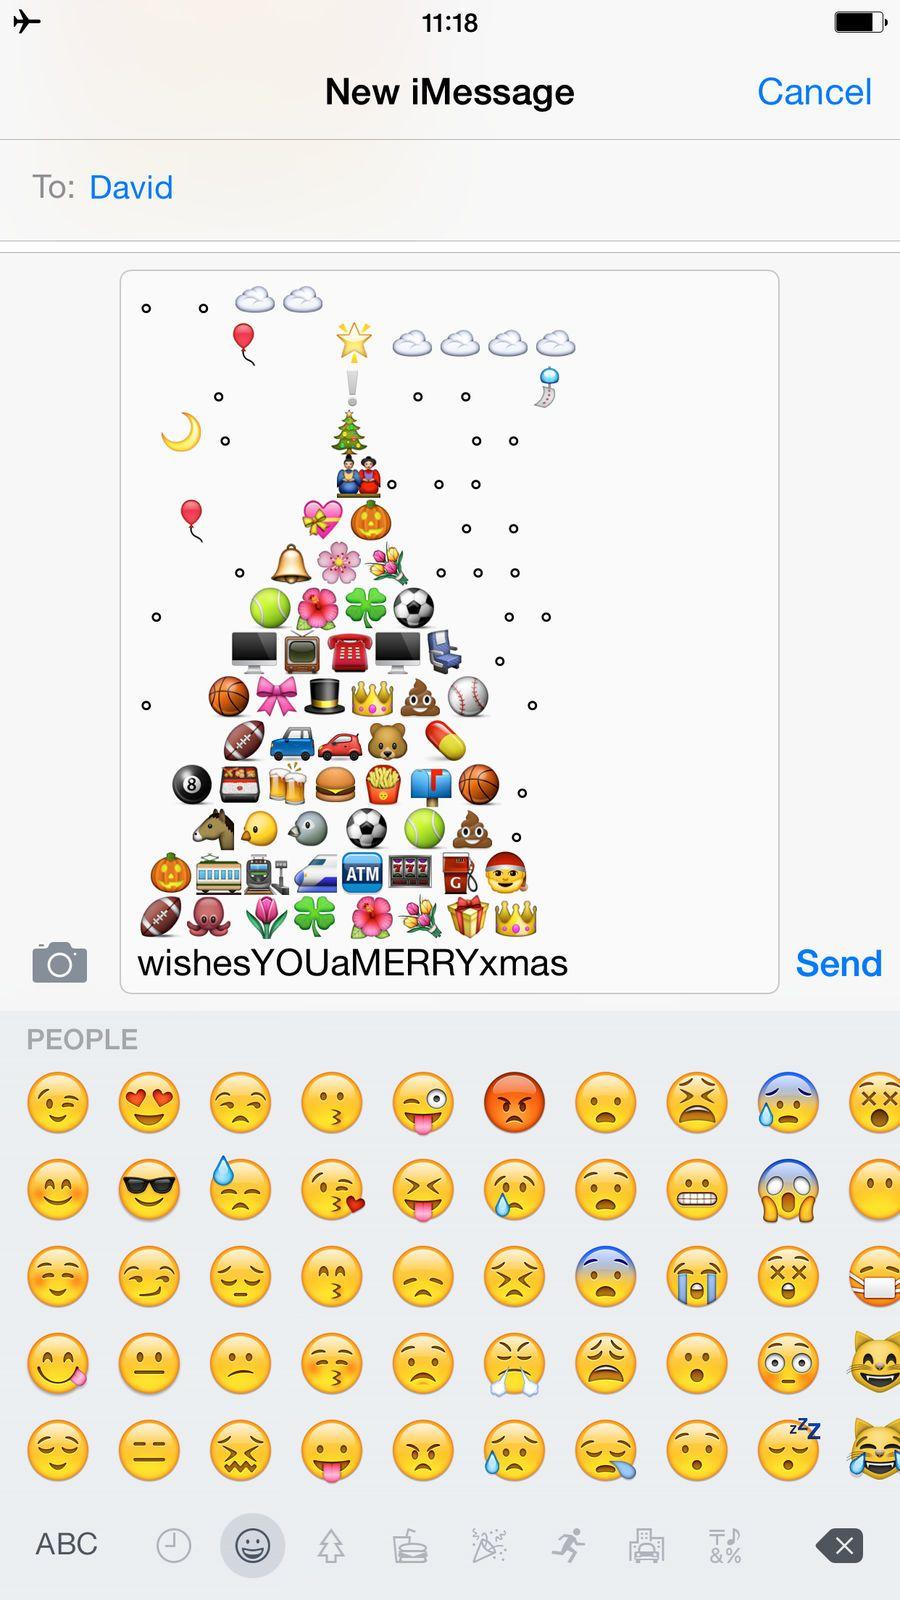 Emoji Keyboard Emojis Me Maker Utilities Zhang Ios Productivity Emoji Keyboard Emoji Maker